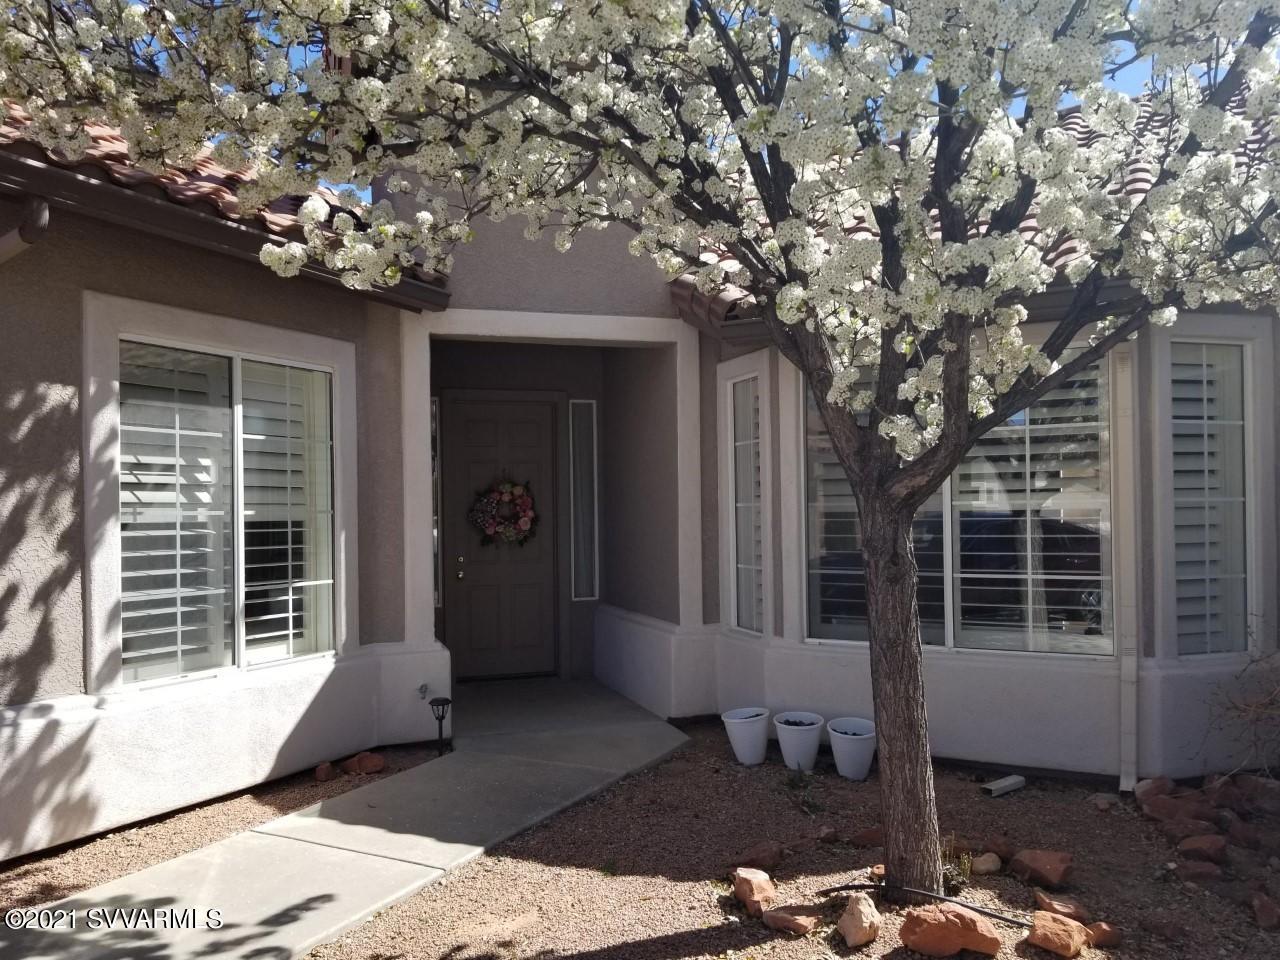 493 S Valle Escondido Cornville, AZ 86325